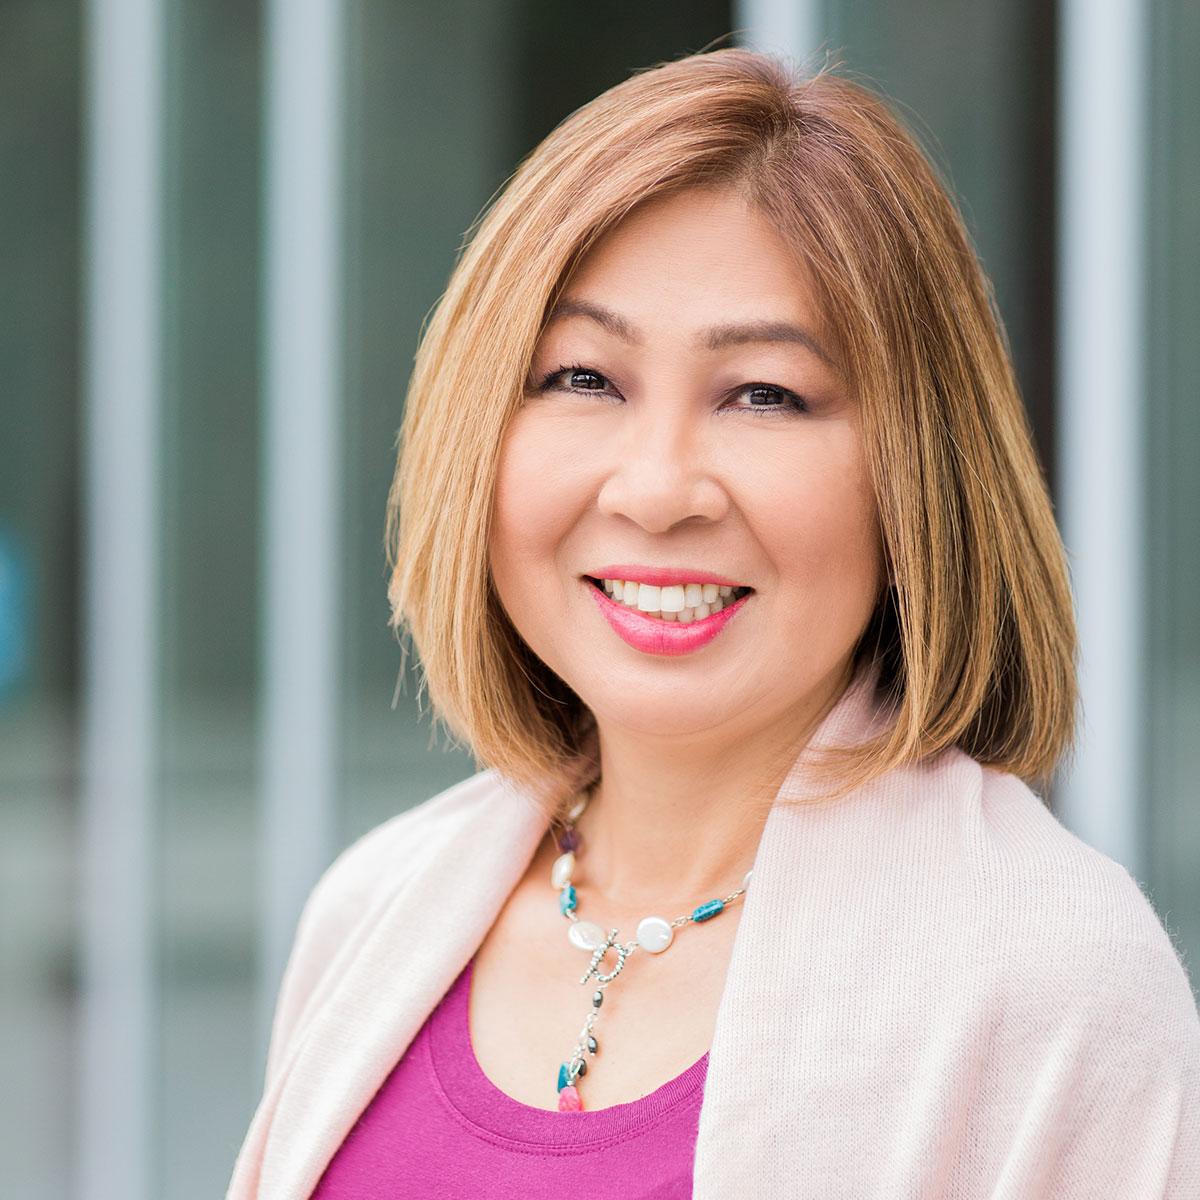 TRISHA MURAKAWA